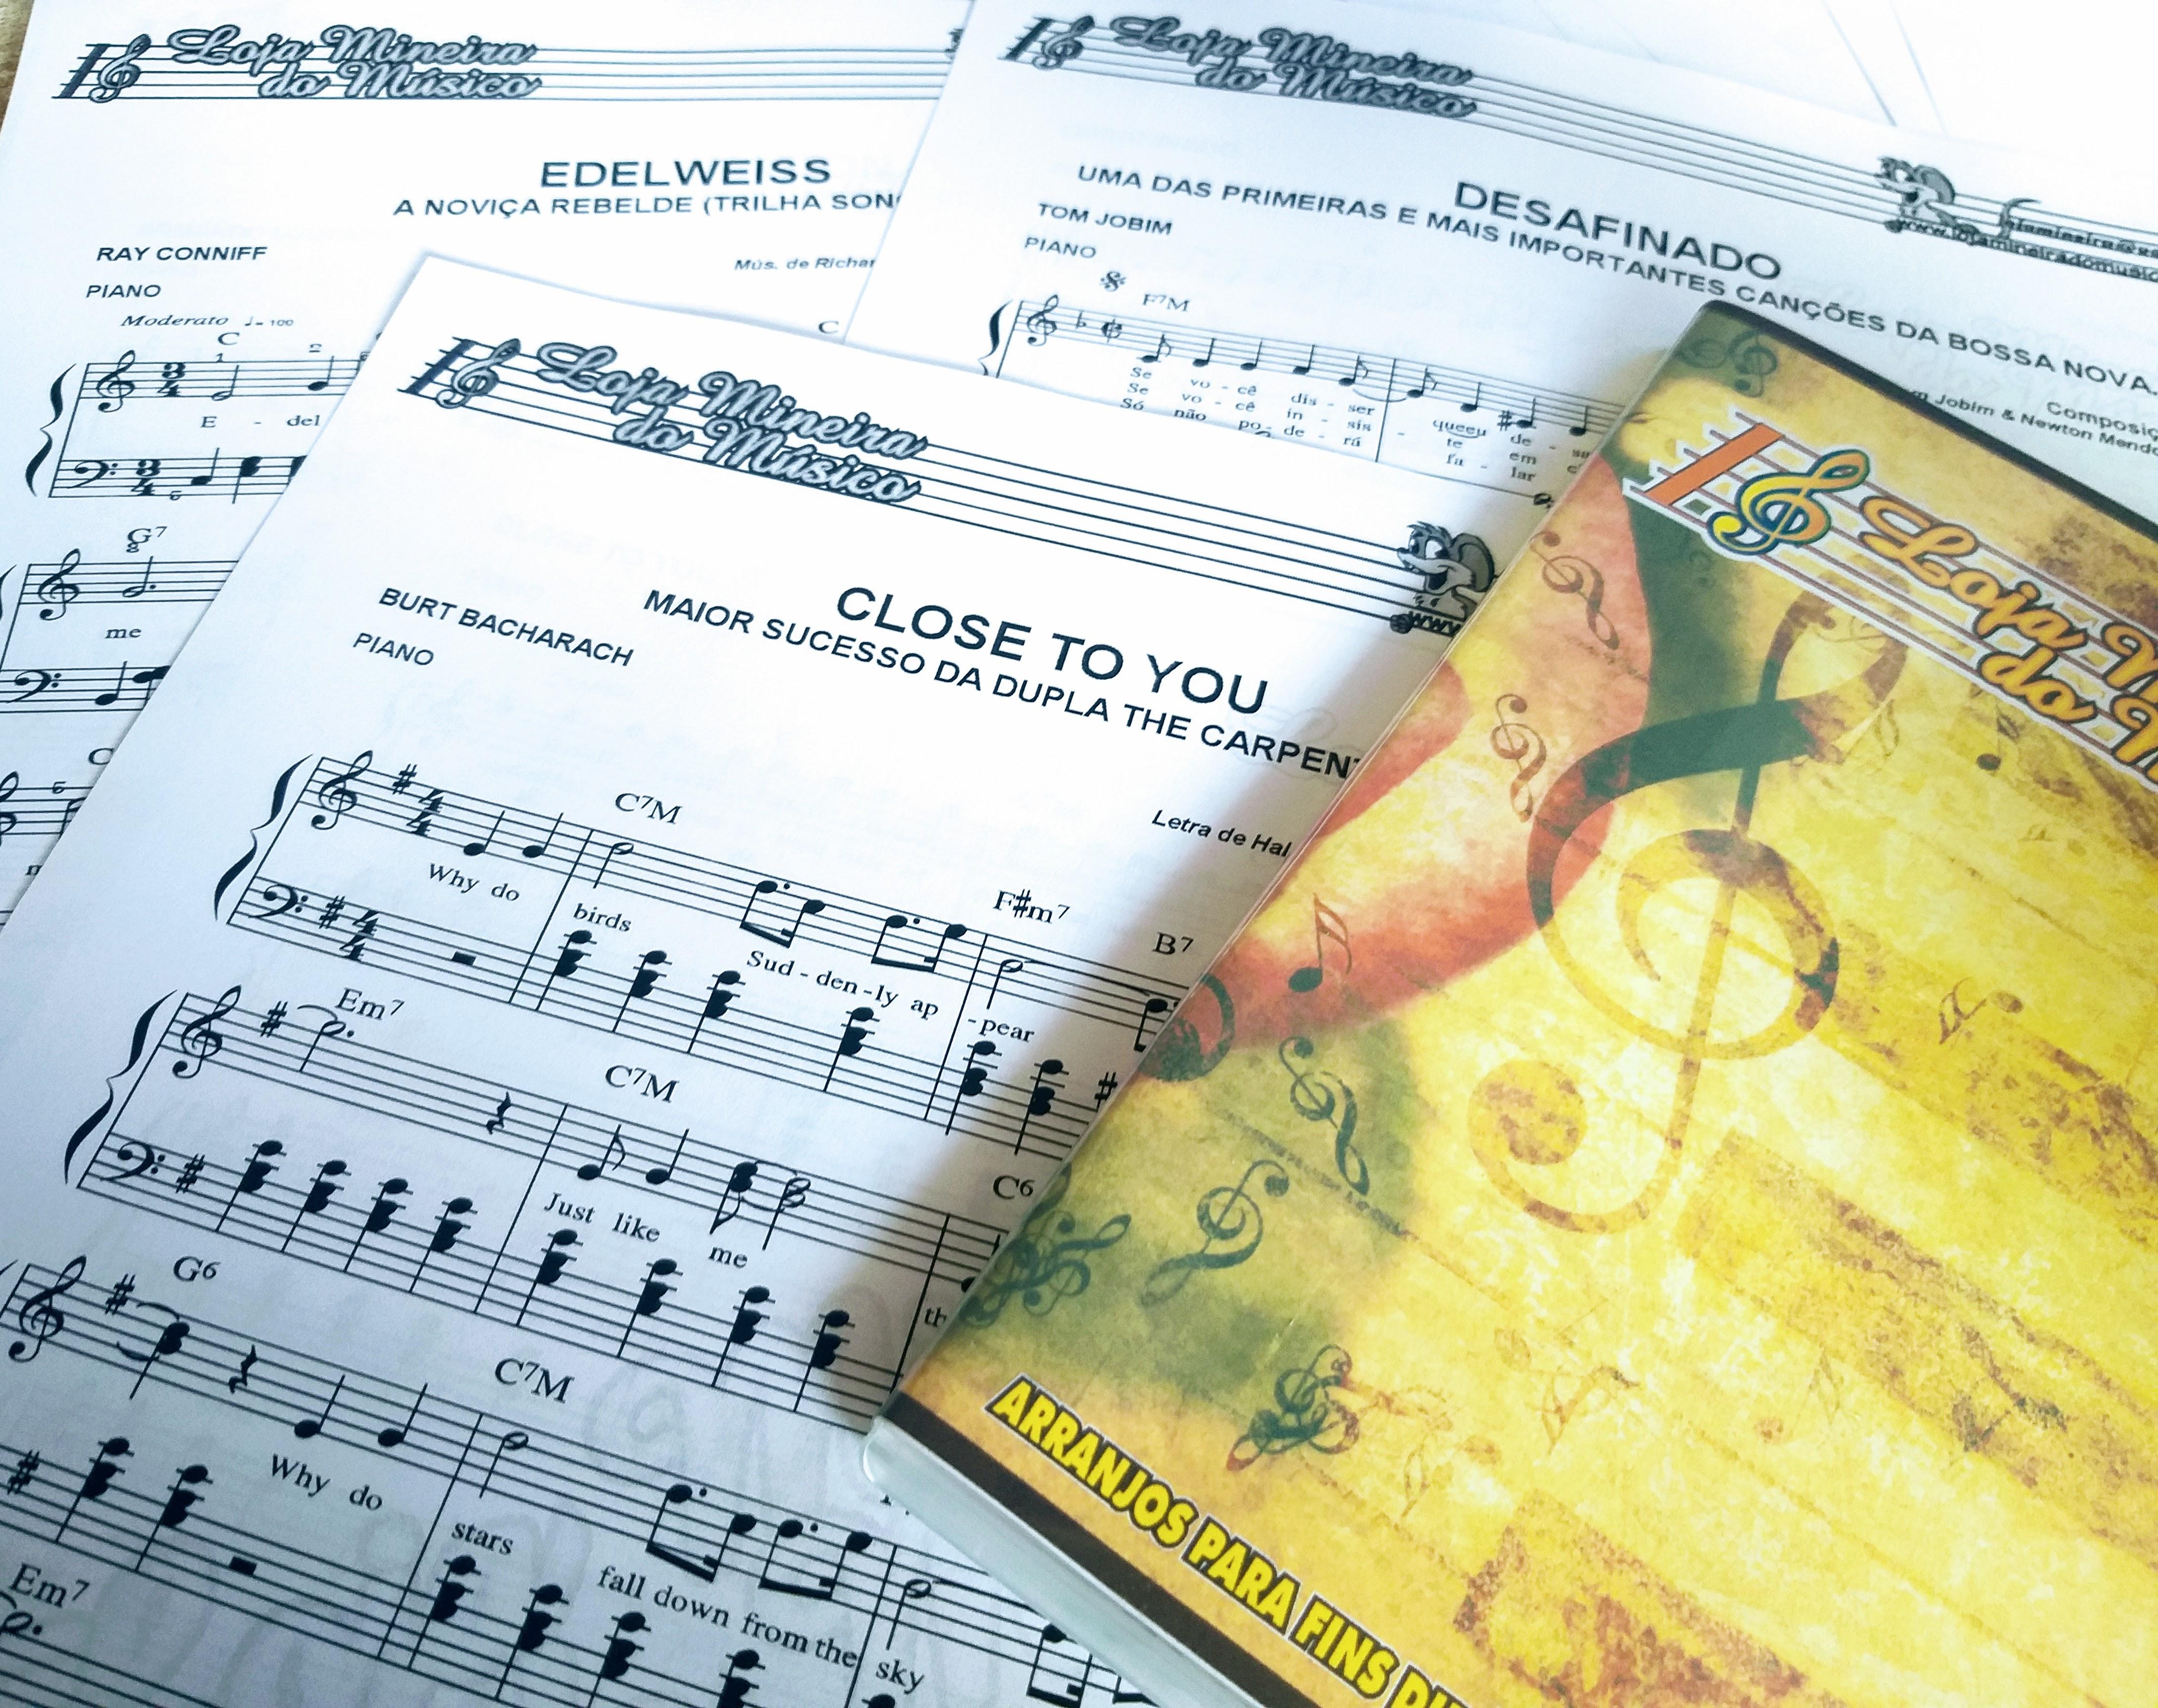 Coletânea de Partituras para Piano Iniciante Apresentação Loja Mineira do Musico